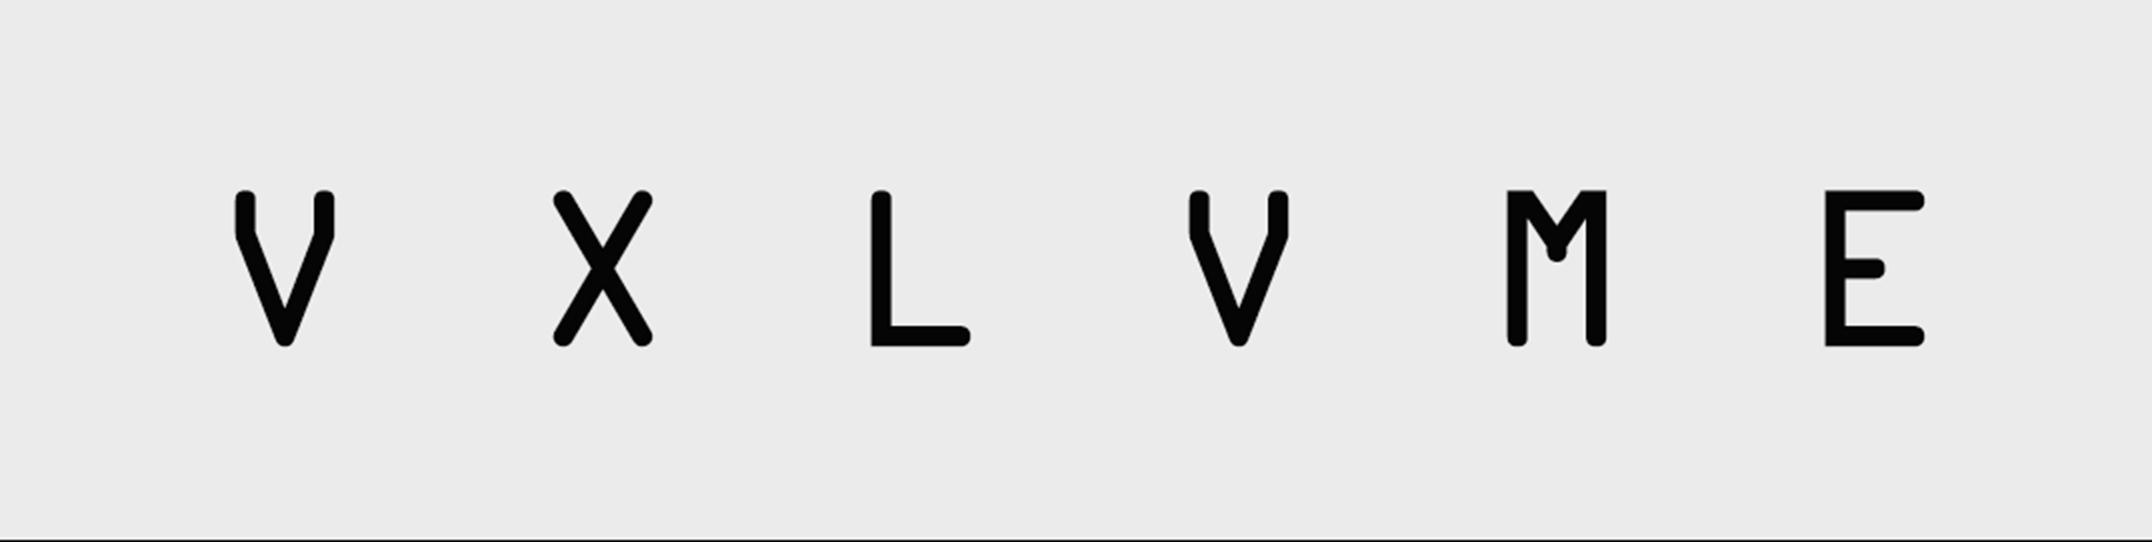 VXLVME Logo